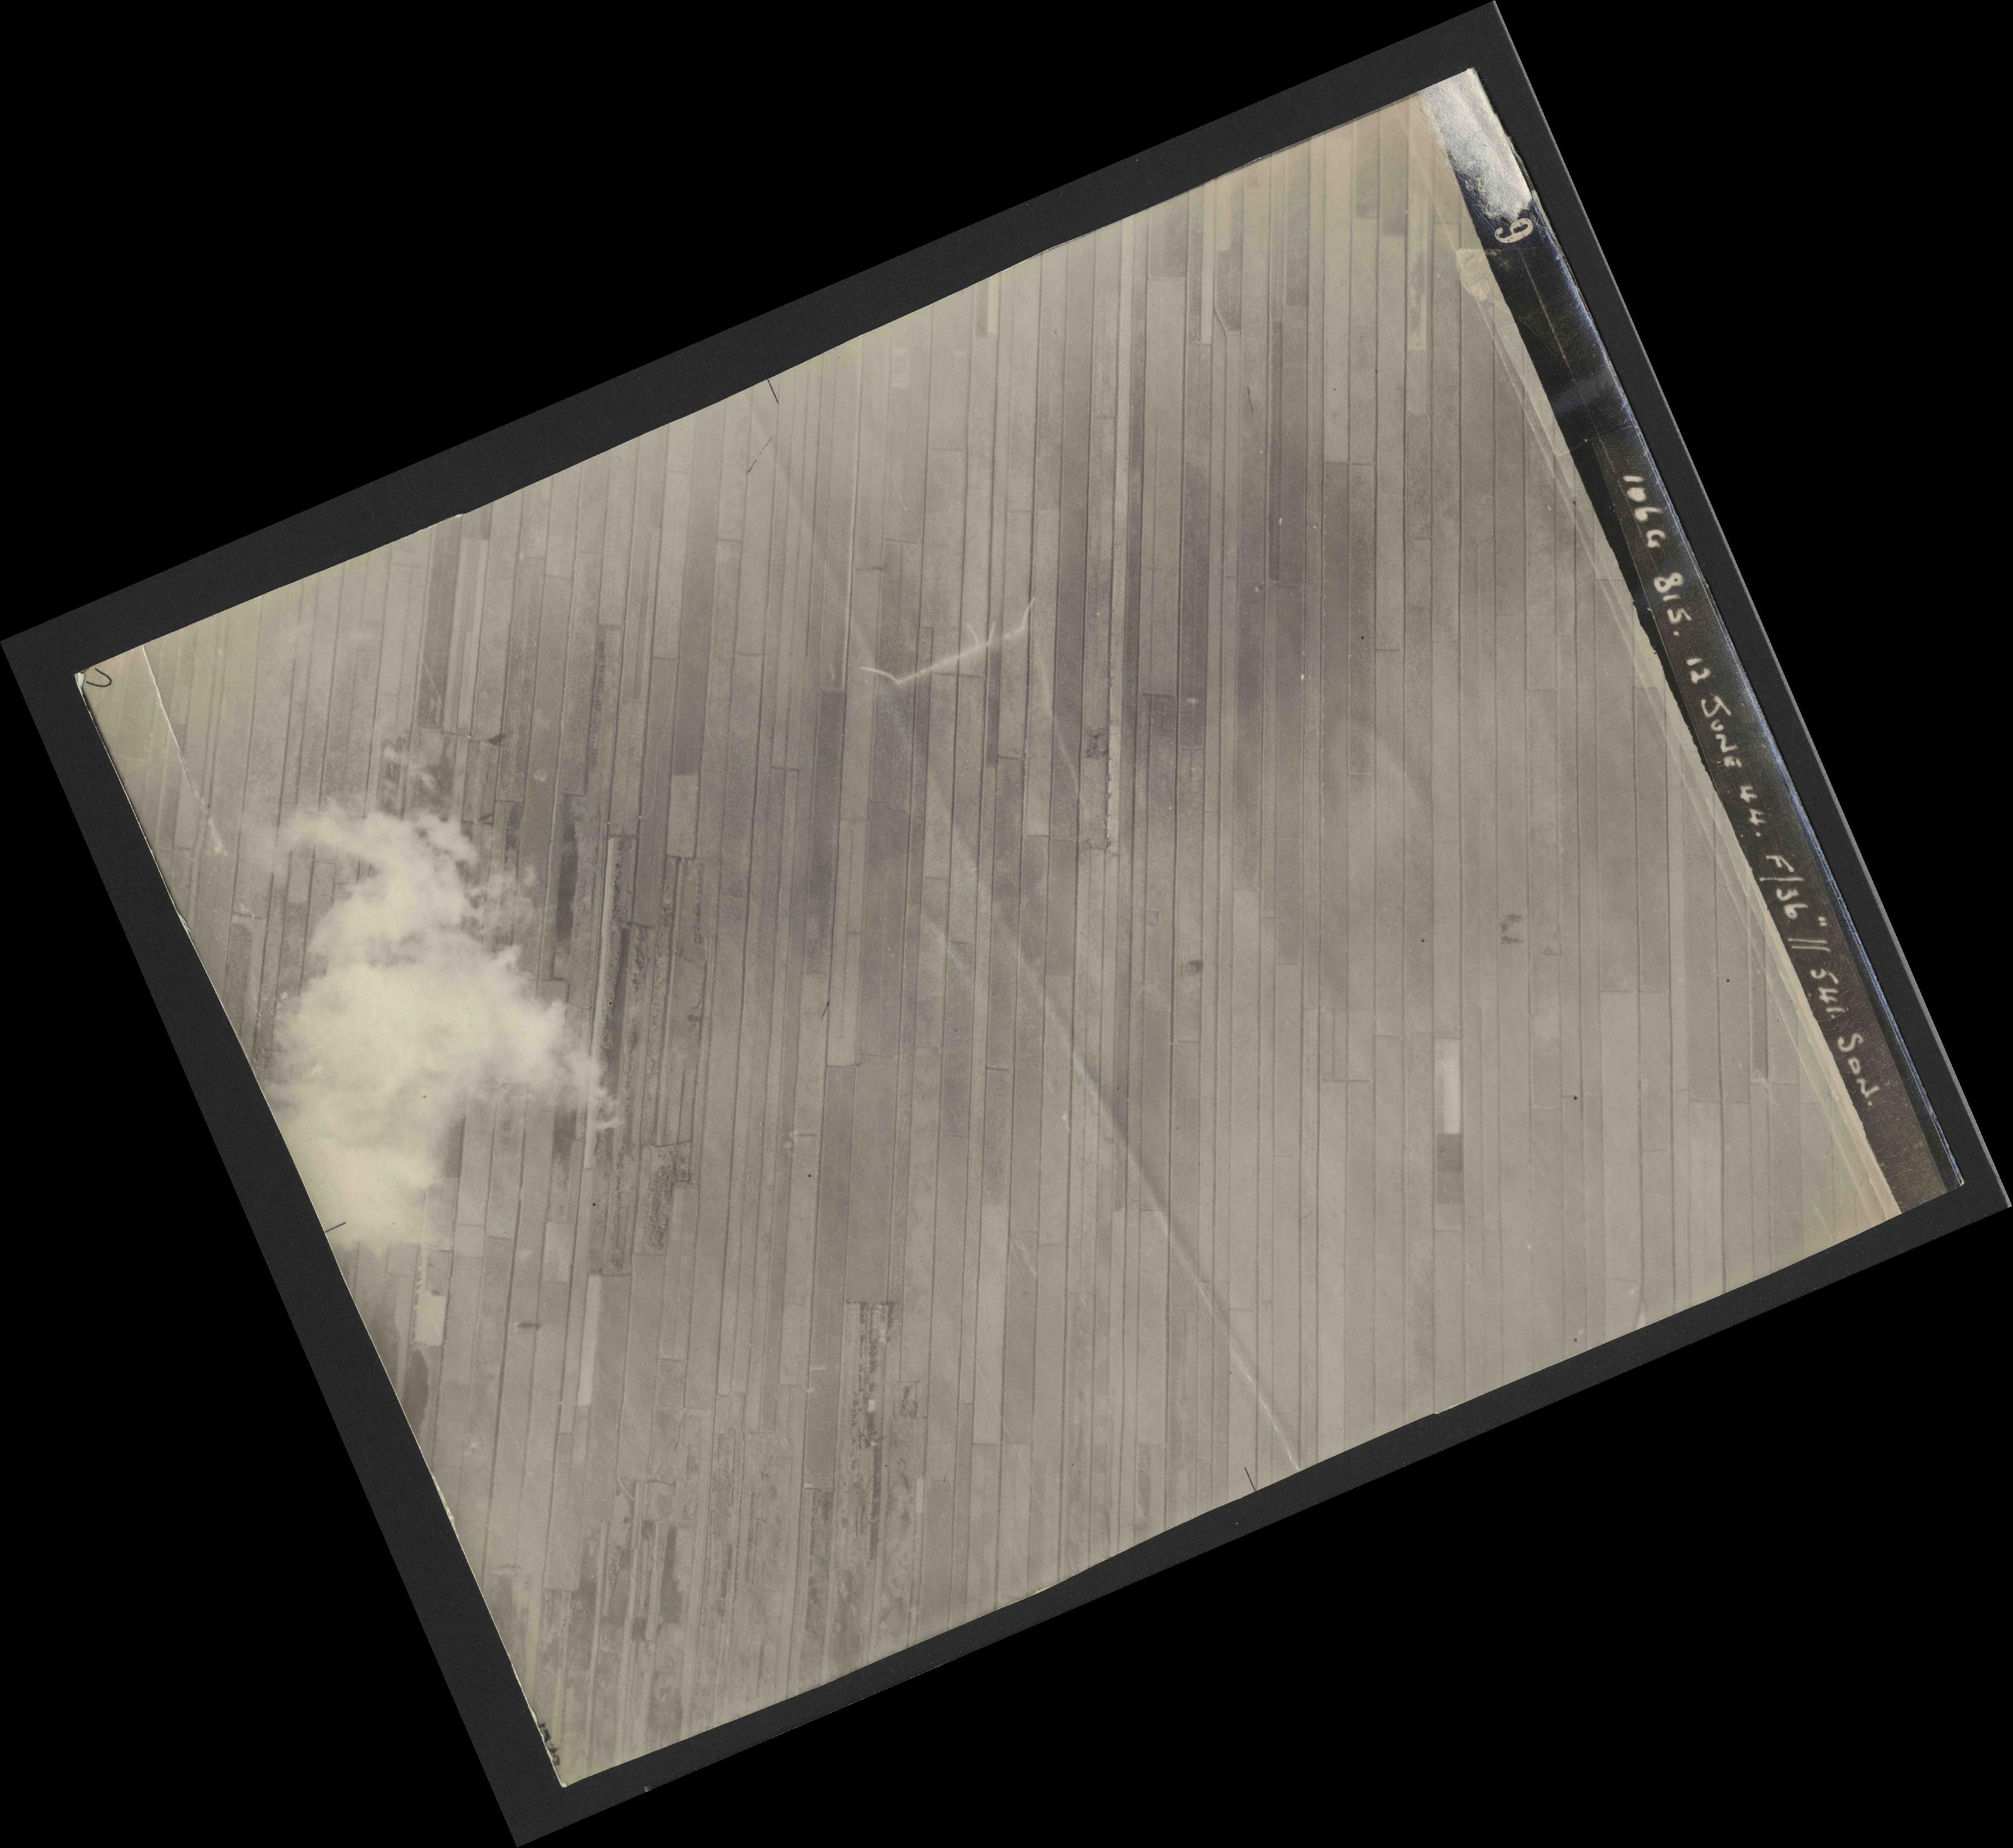 Collection RAF aerial photos 1940-1945 - flight 175, run 10, photo 4239